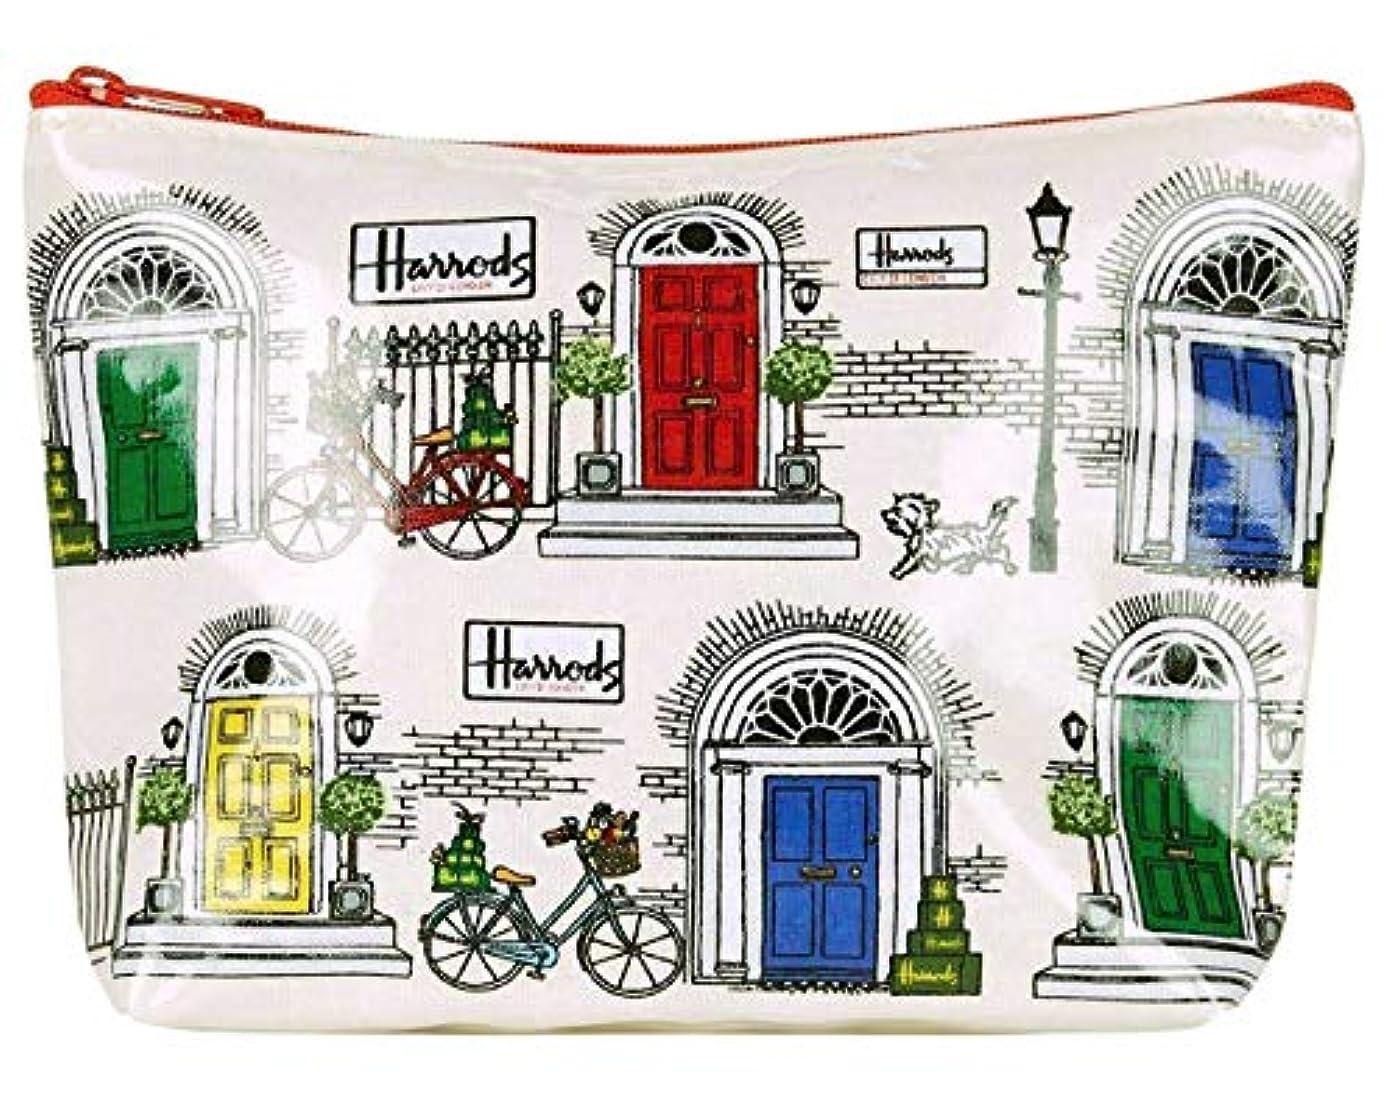 ボアシュート一時停止(ハロッズ) Harrods 正規品 ポーチ,化粧ポーチ,トラベルポーチ,ジップパース,ナプキン入れ Harrods Travel Pouch? (Knightsbridge Doors)